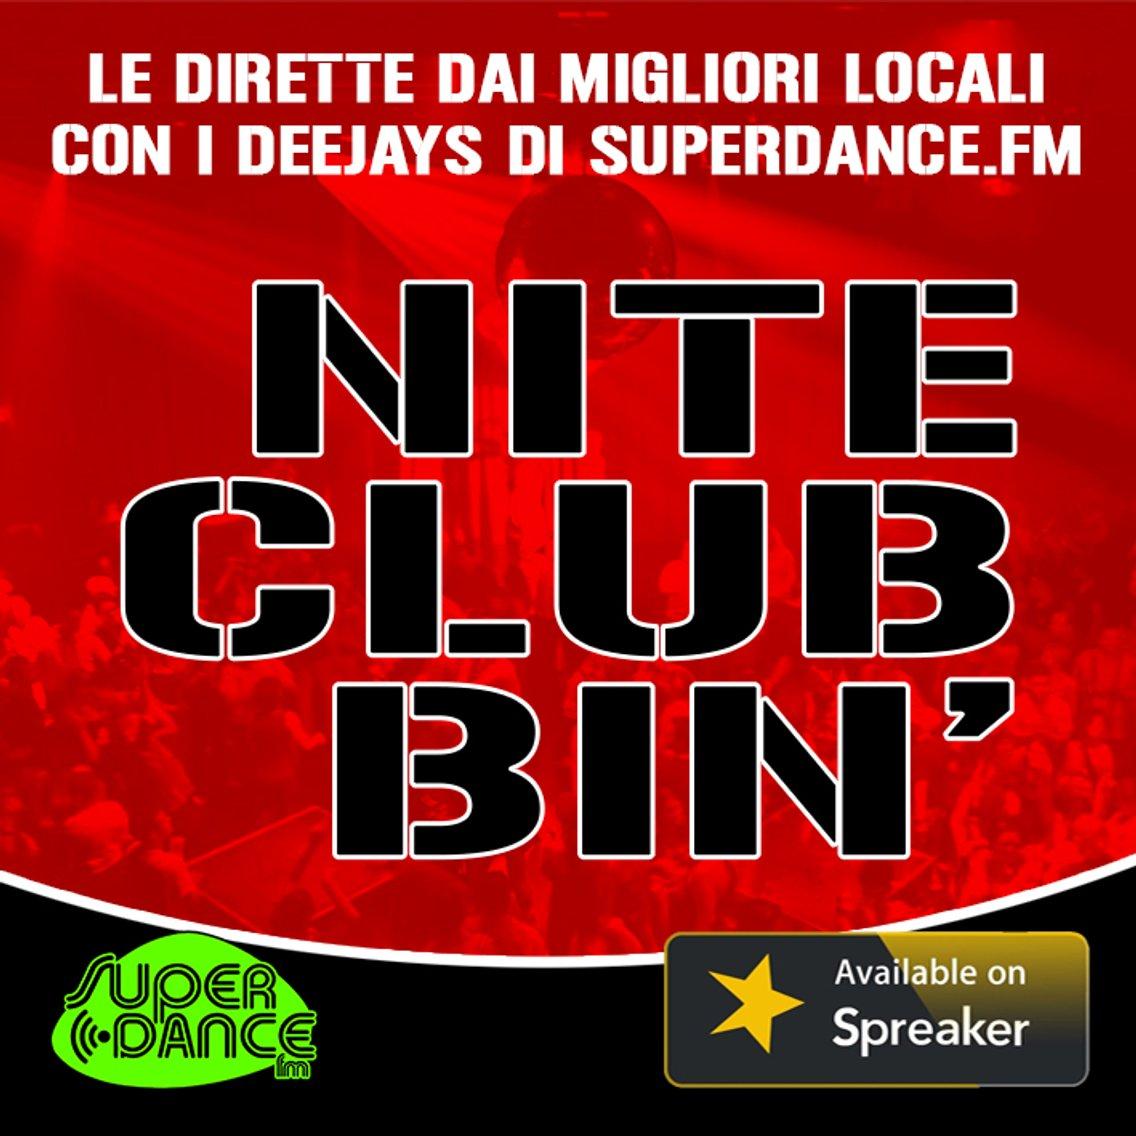 NITECLUBBIN' - Le dirette dai Locali - Cover Image